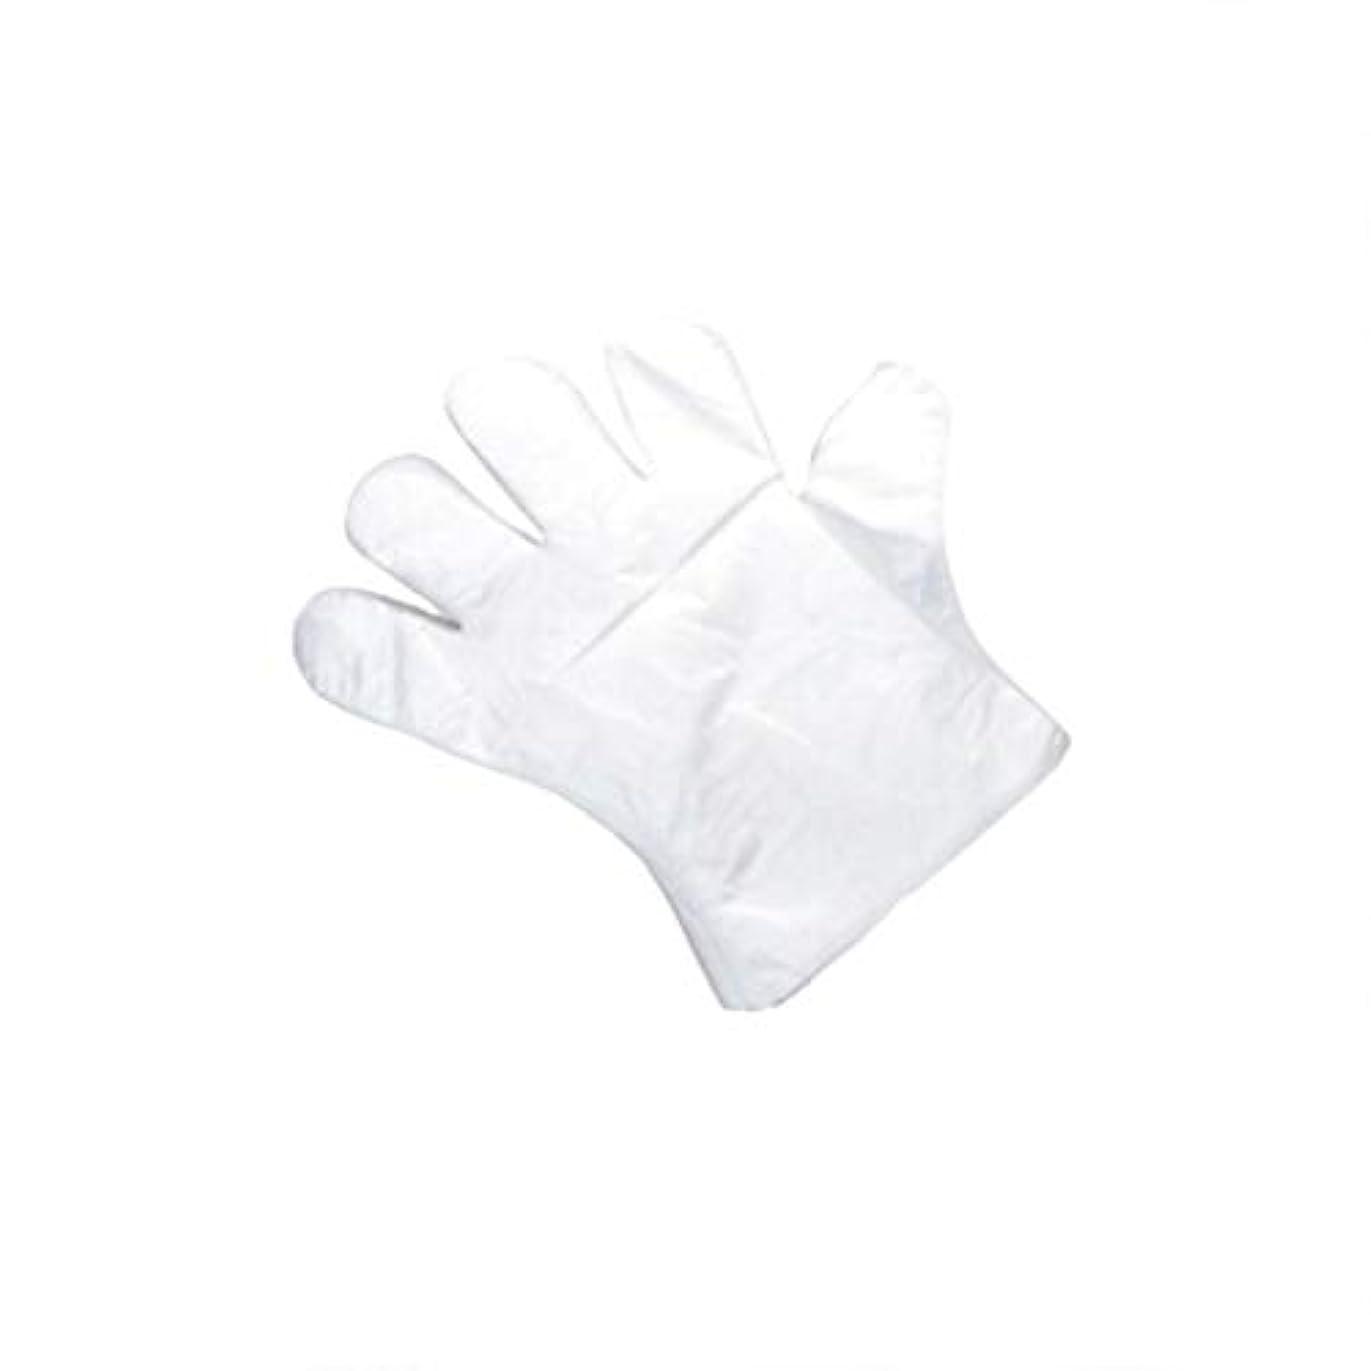 口径送る狼手袋、使い捨て手袋、肥厚、抽出手袋、テーブル、ピクニック、100スーツ。